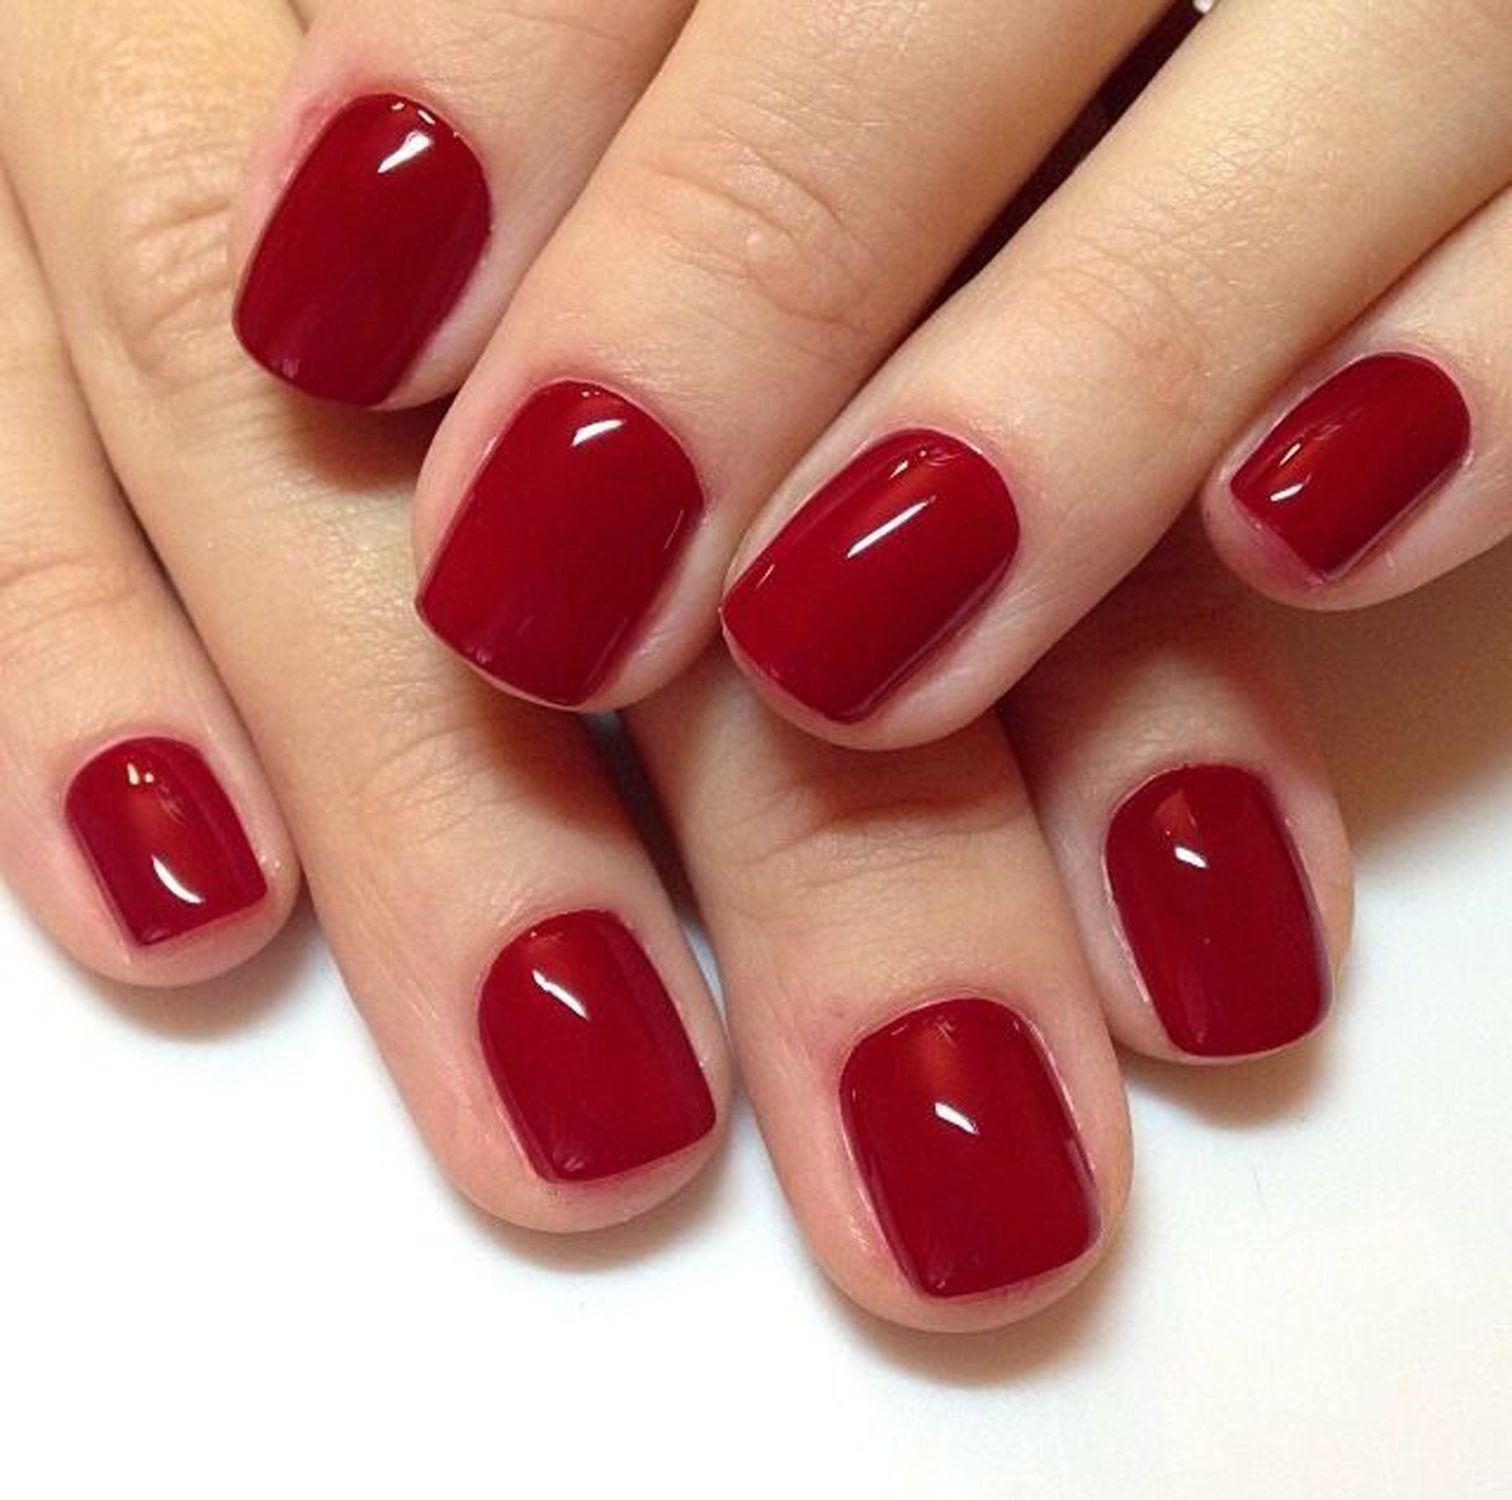 SPERO VOV Nail Polish Red Matte 6Gram gm